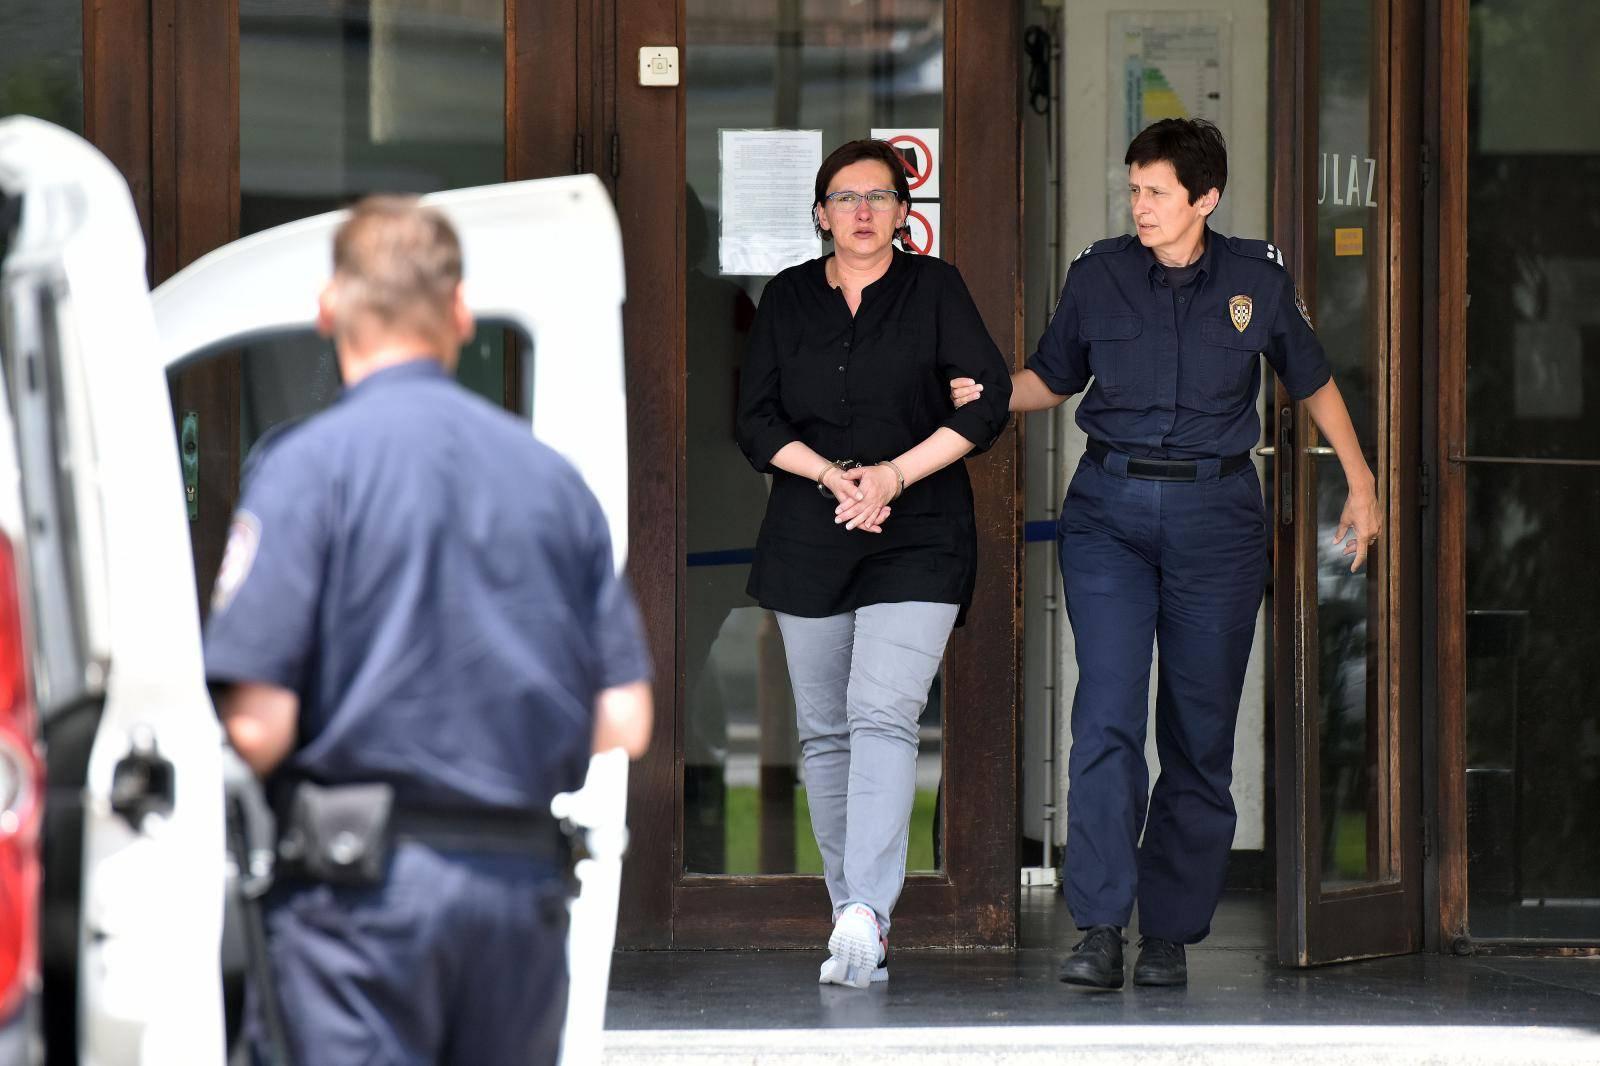 Varaždin: Smiljana Srnec odlazi iz zgrade suda nakon što je protiv nje podignuta optužnica za ubojstvo sestre